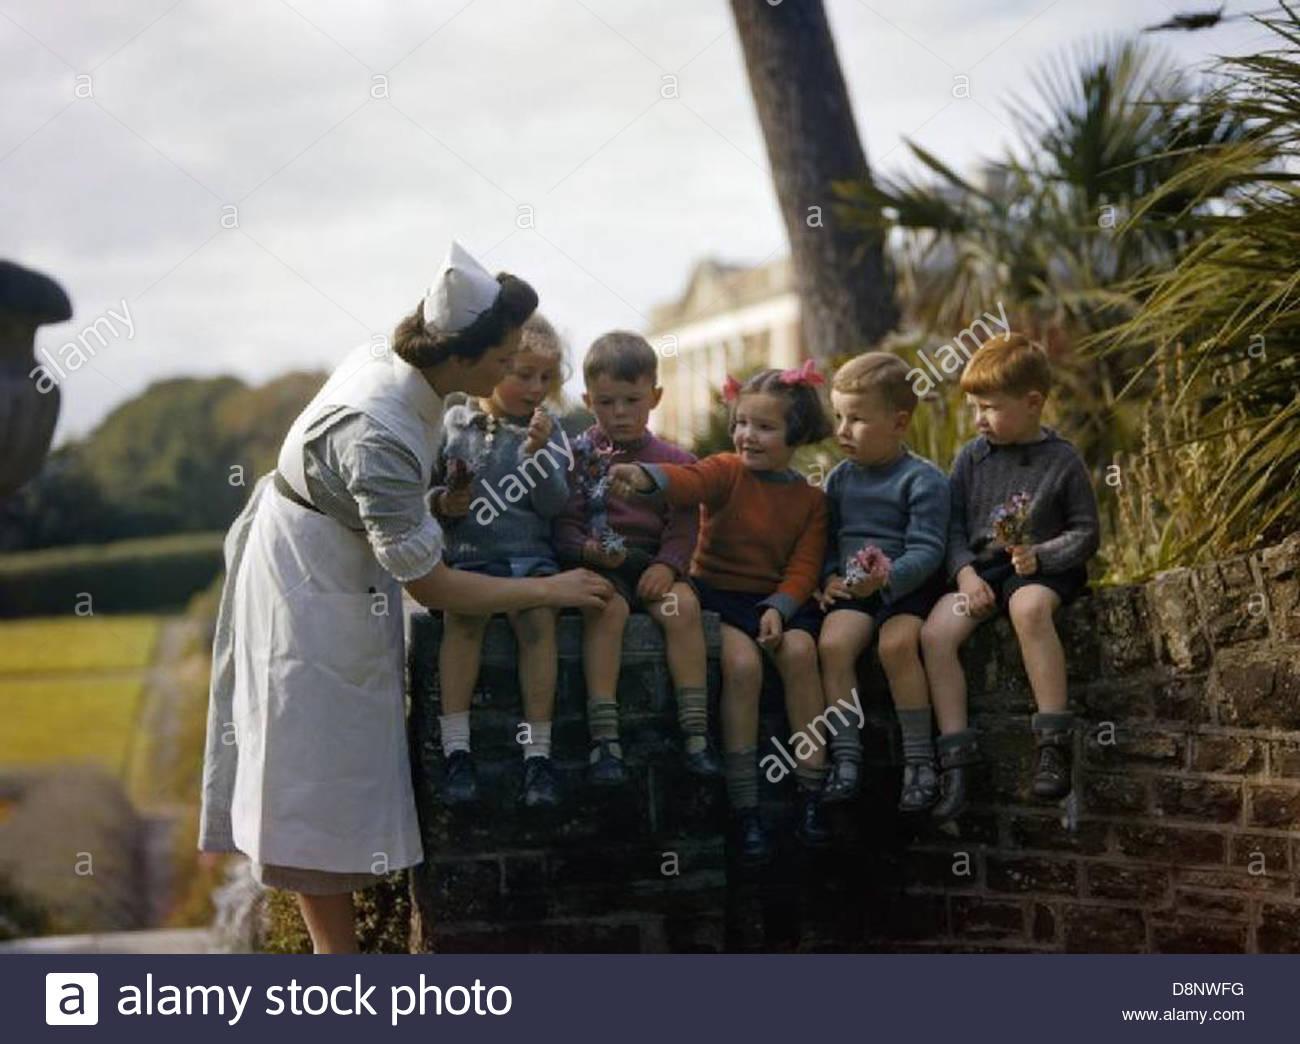 Une infirmière avec de jeunes personnes évacuées de Plymouth dans le jardin de la maison à Chaim Photo Stock